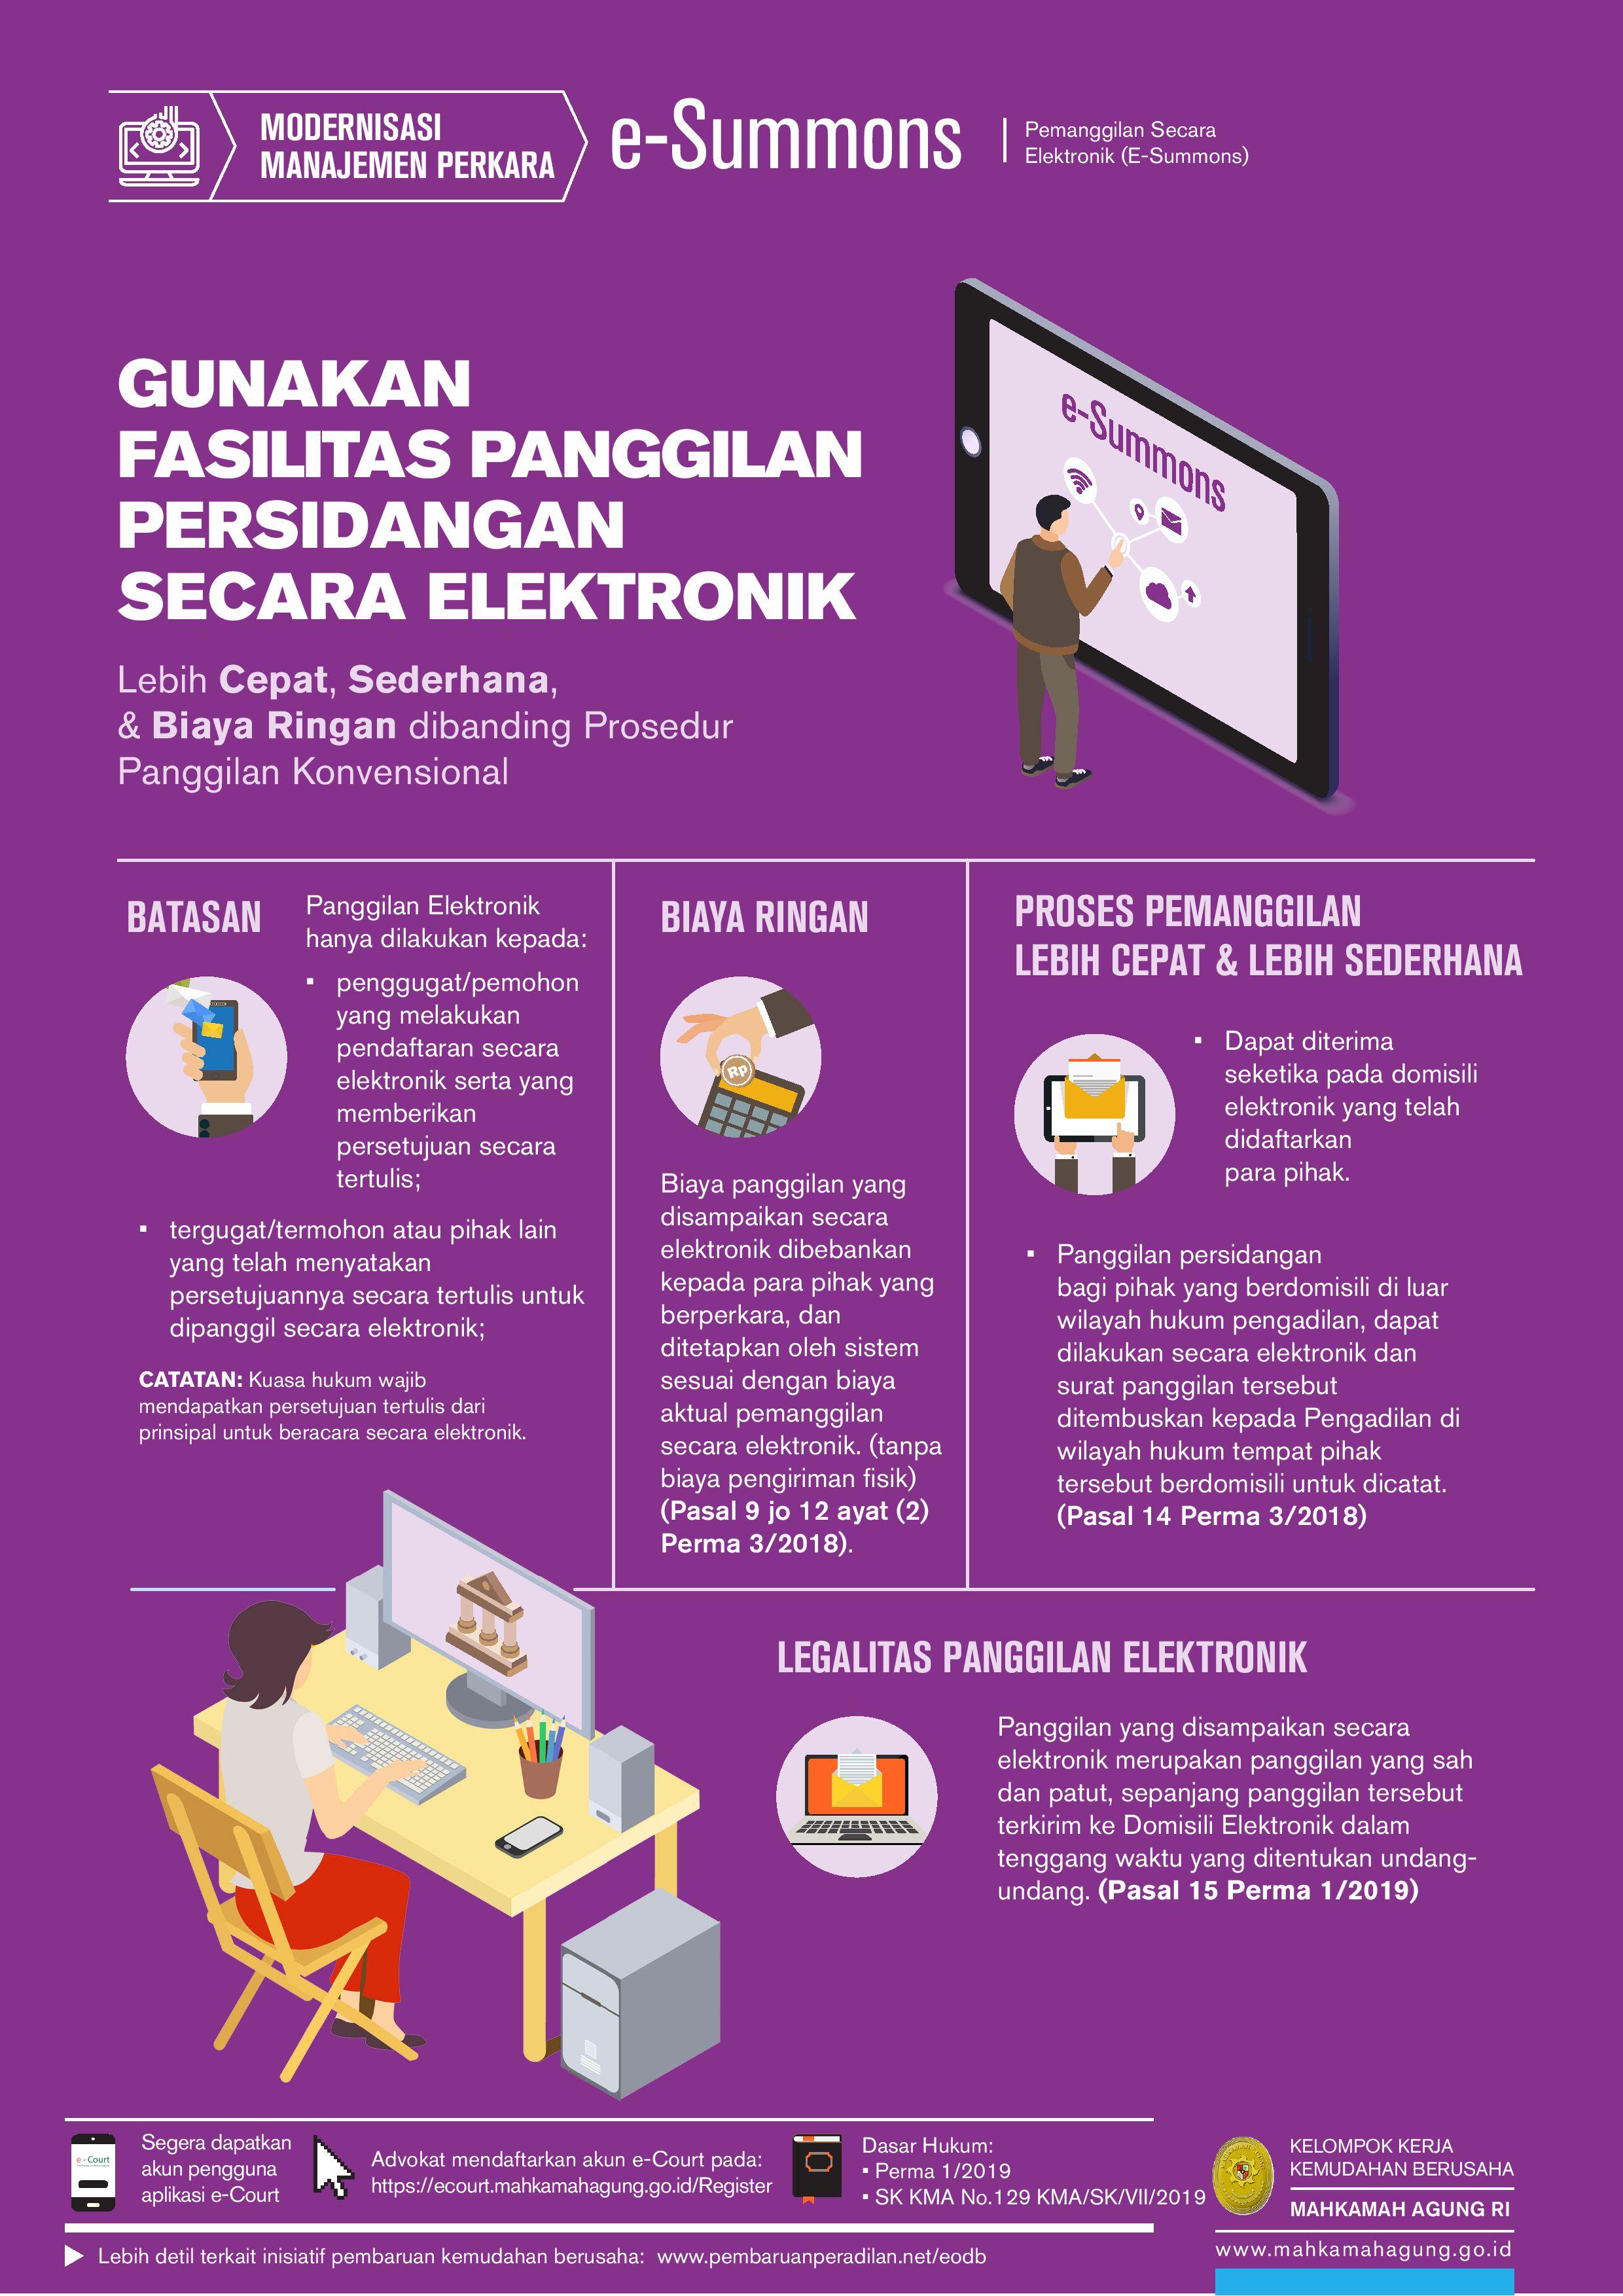 Infographic-Pembaruan_Peradilan-MA-Compiled_2020_09